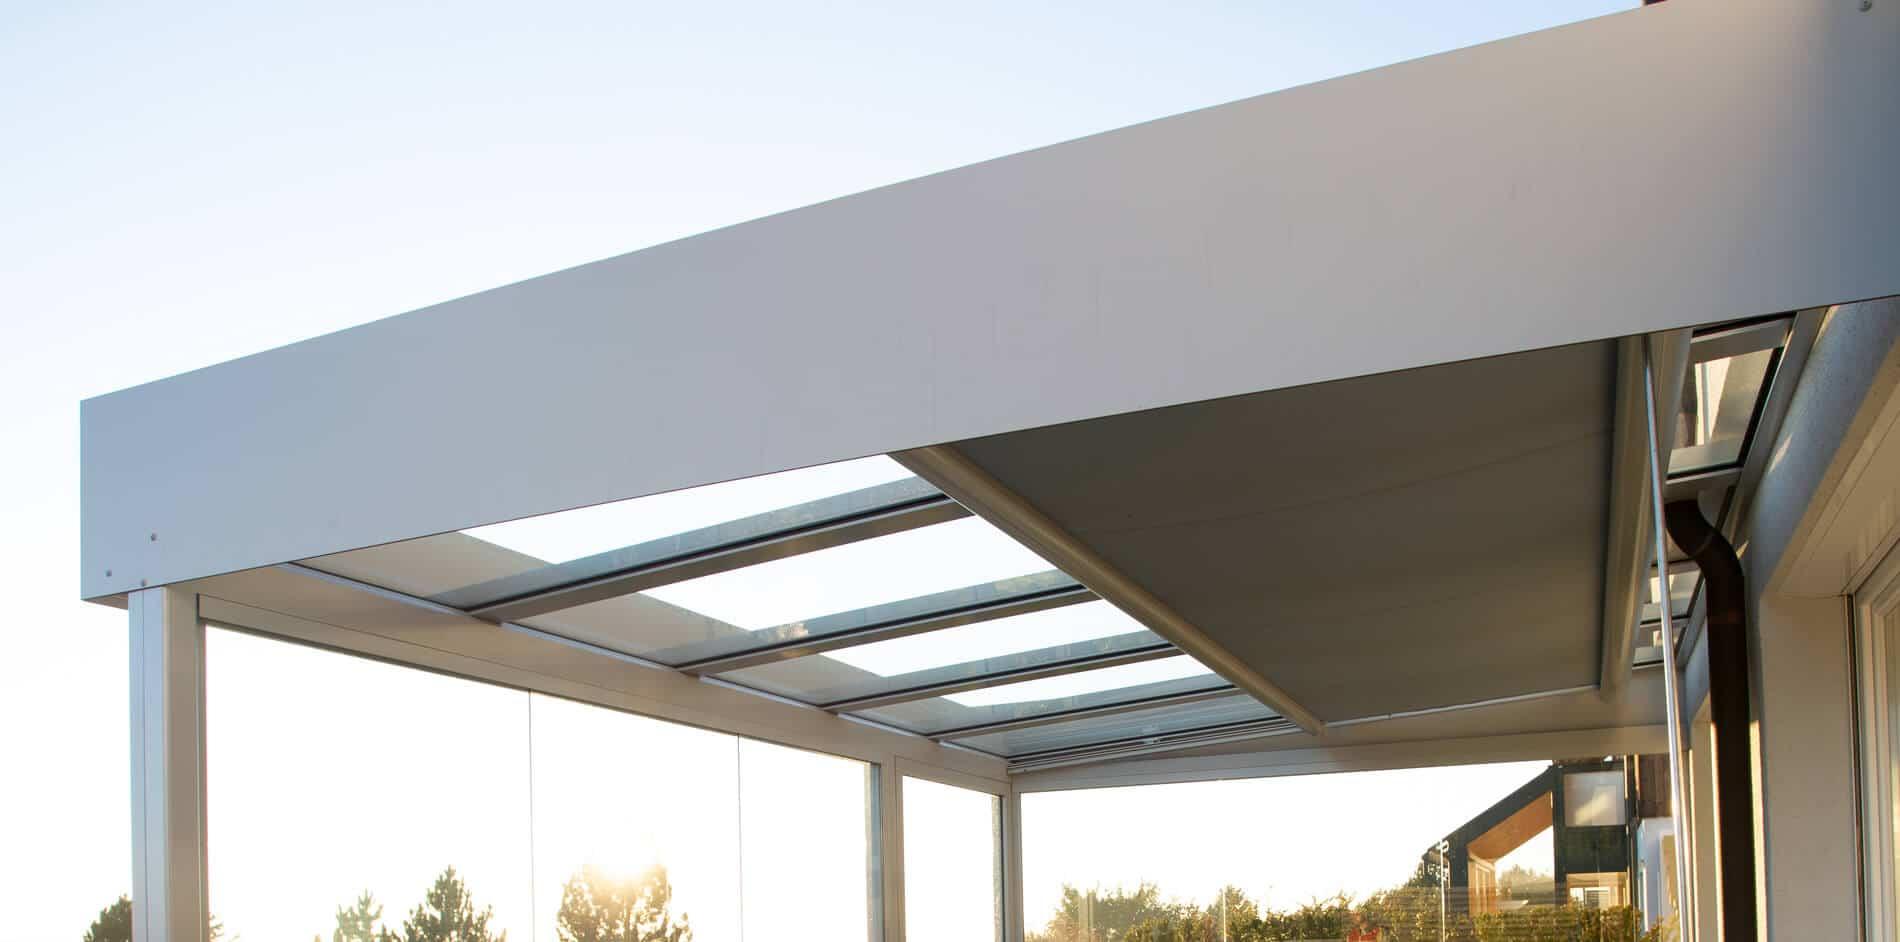 Wintergarten Flachdach modern mit Glas